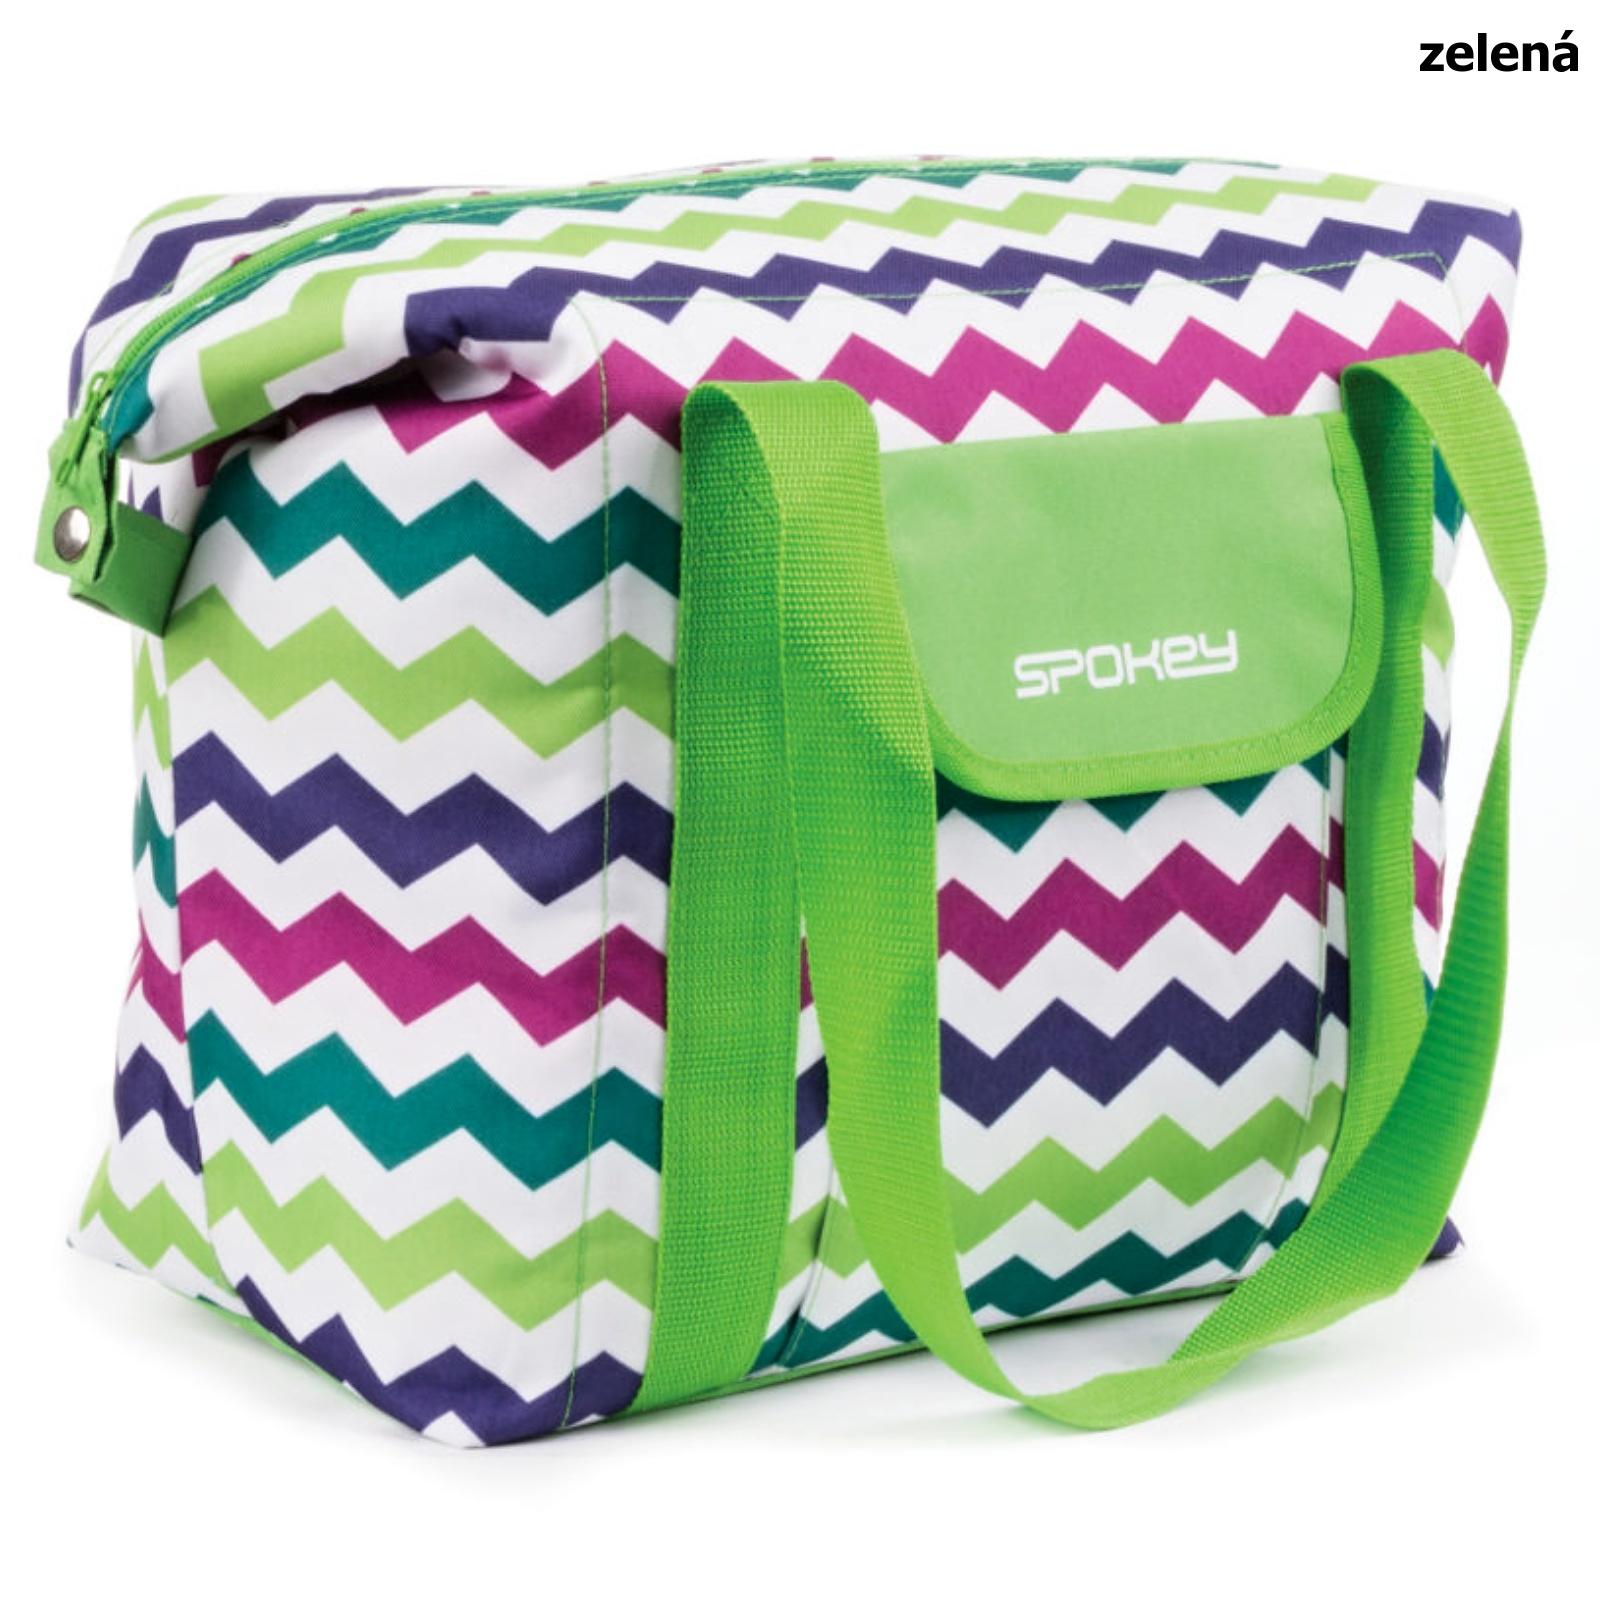 Plážová termo taška SPOKEY San Remo - zelená